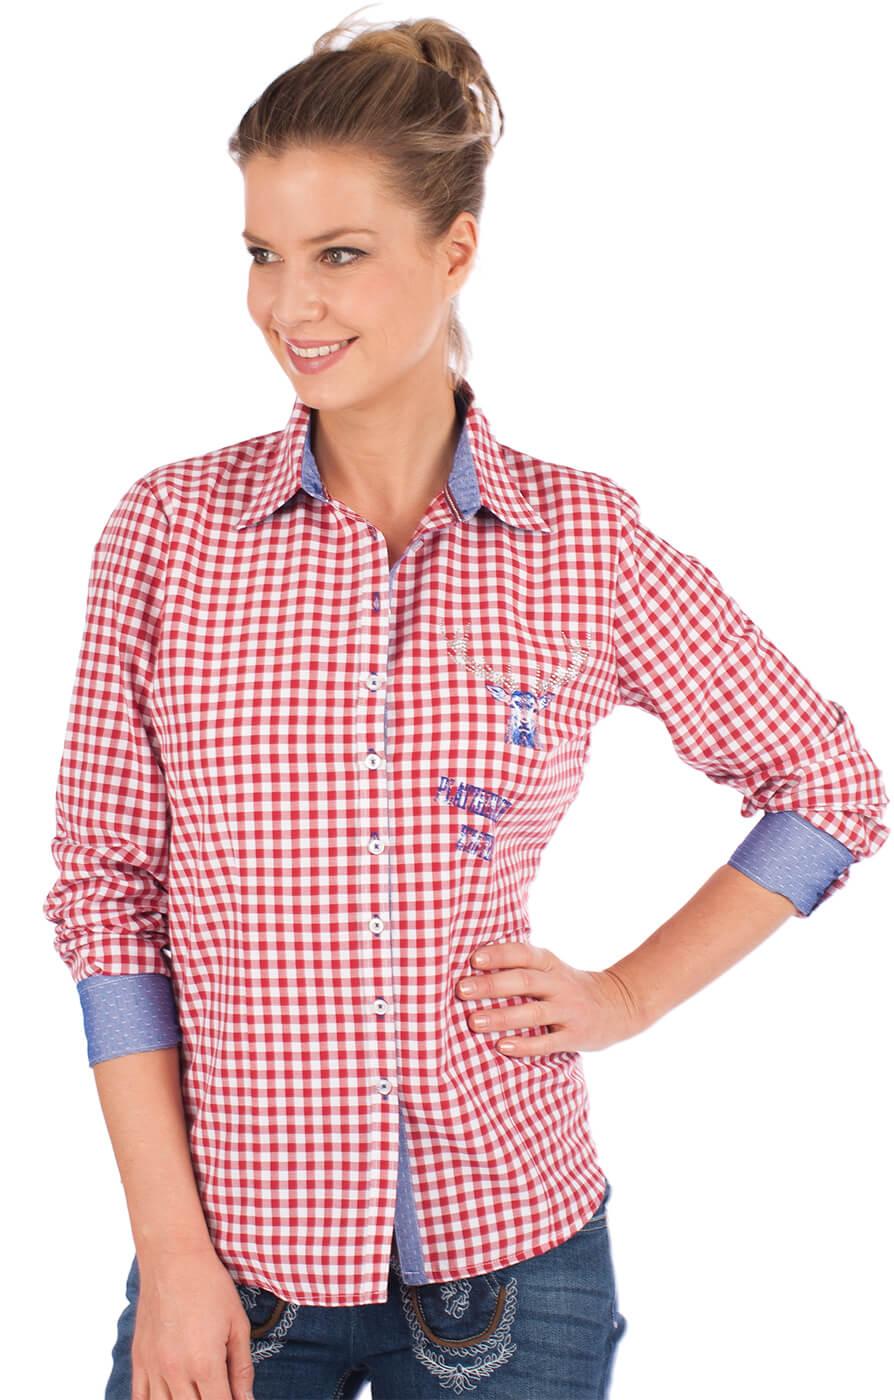 Trachtenkarobluse CORINNA rot karo Hemdblusenstil von OS-Trachten